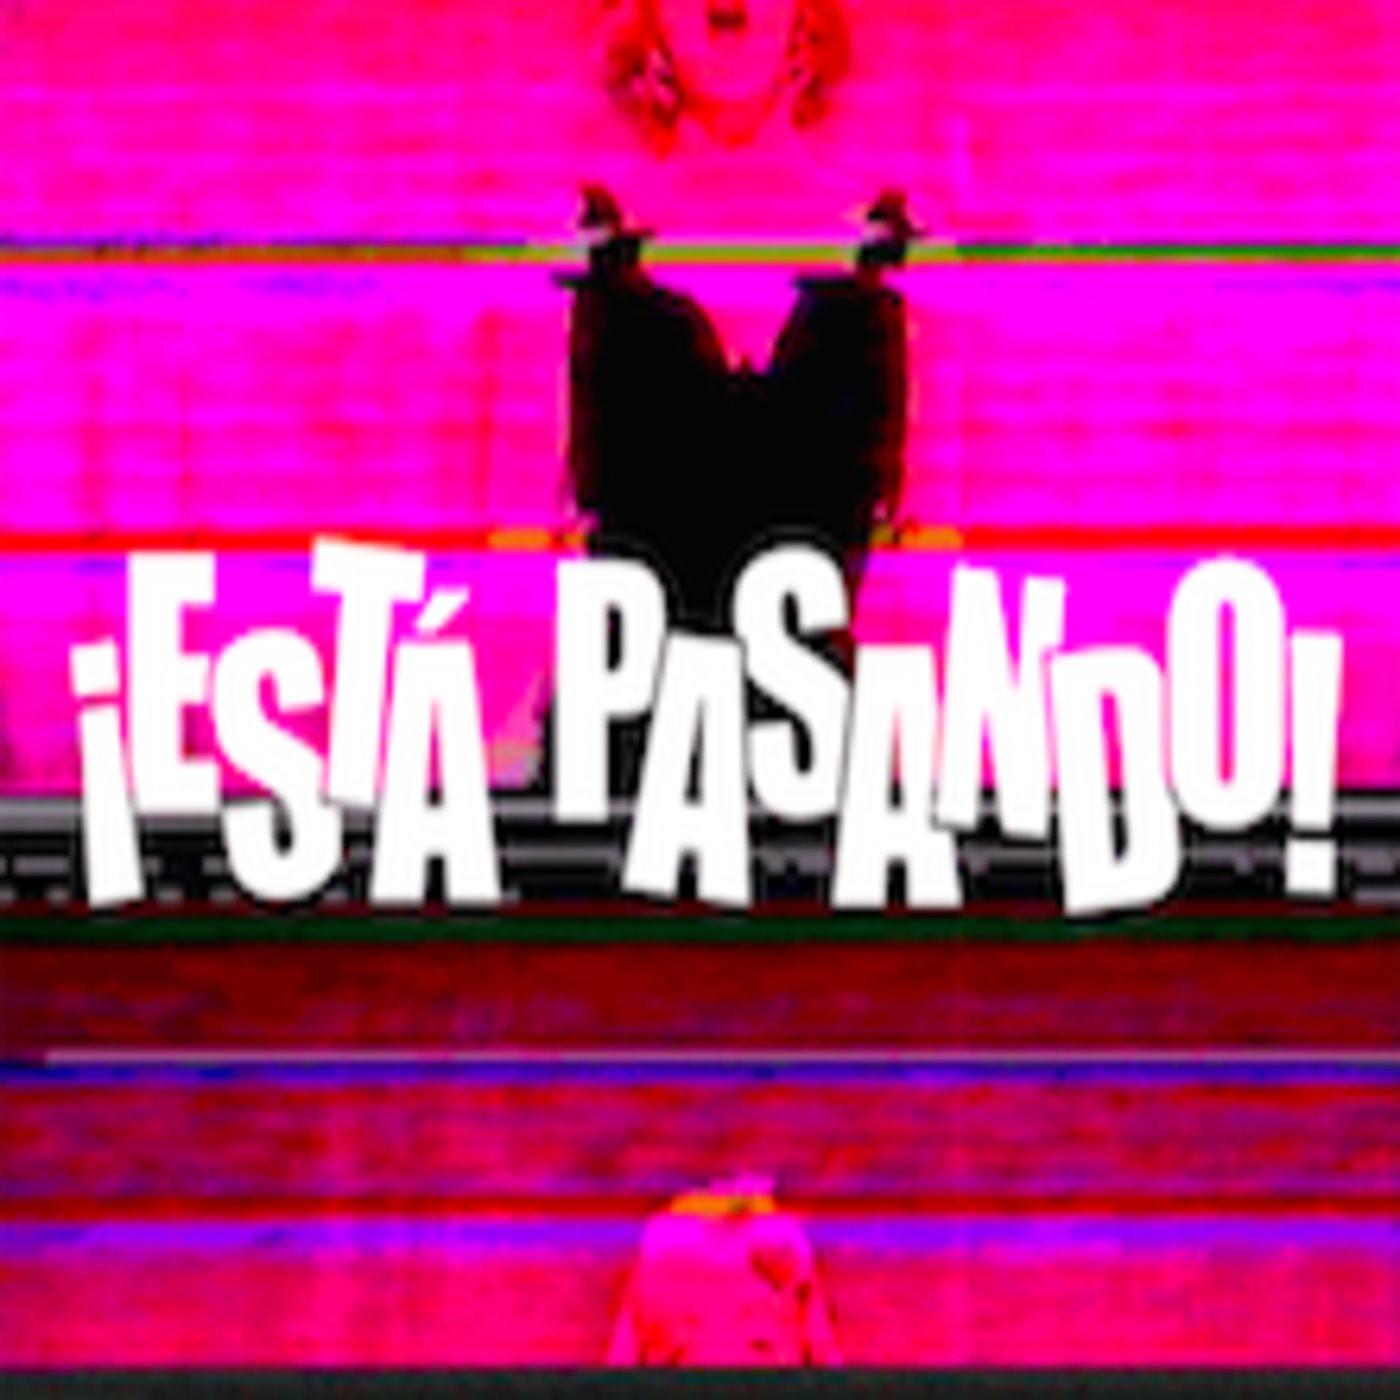 <![CDATA[ESTÁ PASANDO RADIOSHOW. Hits piano y charla loca. ]]>